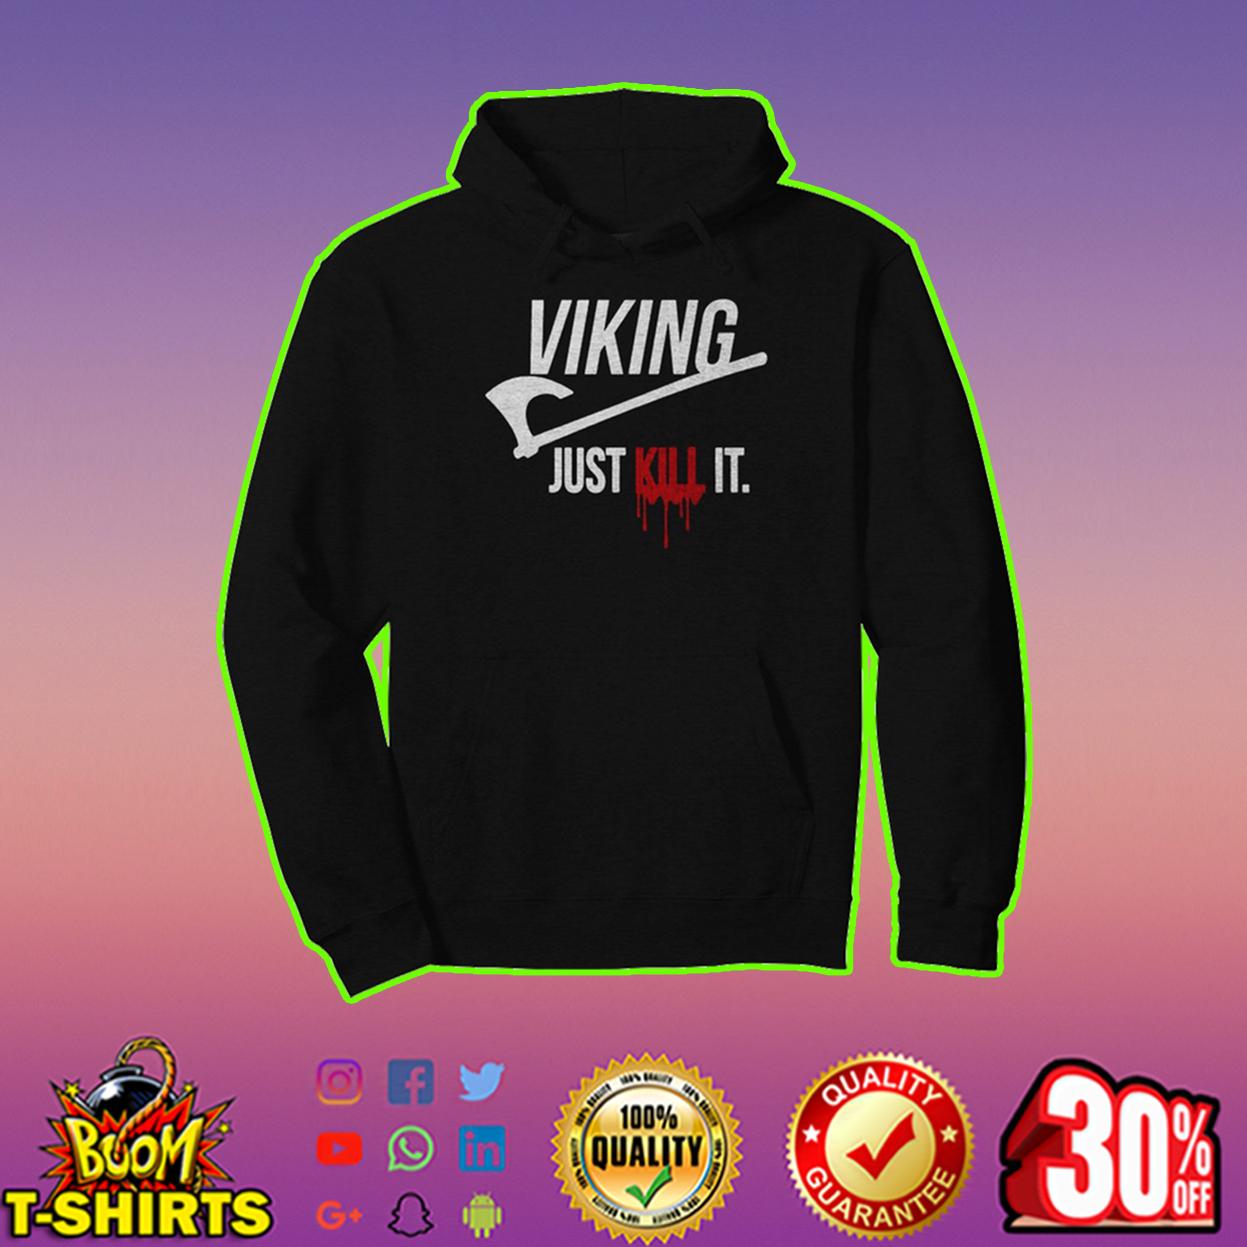 Viking just kill it hoodie